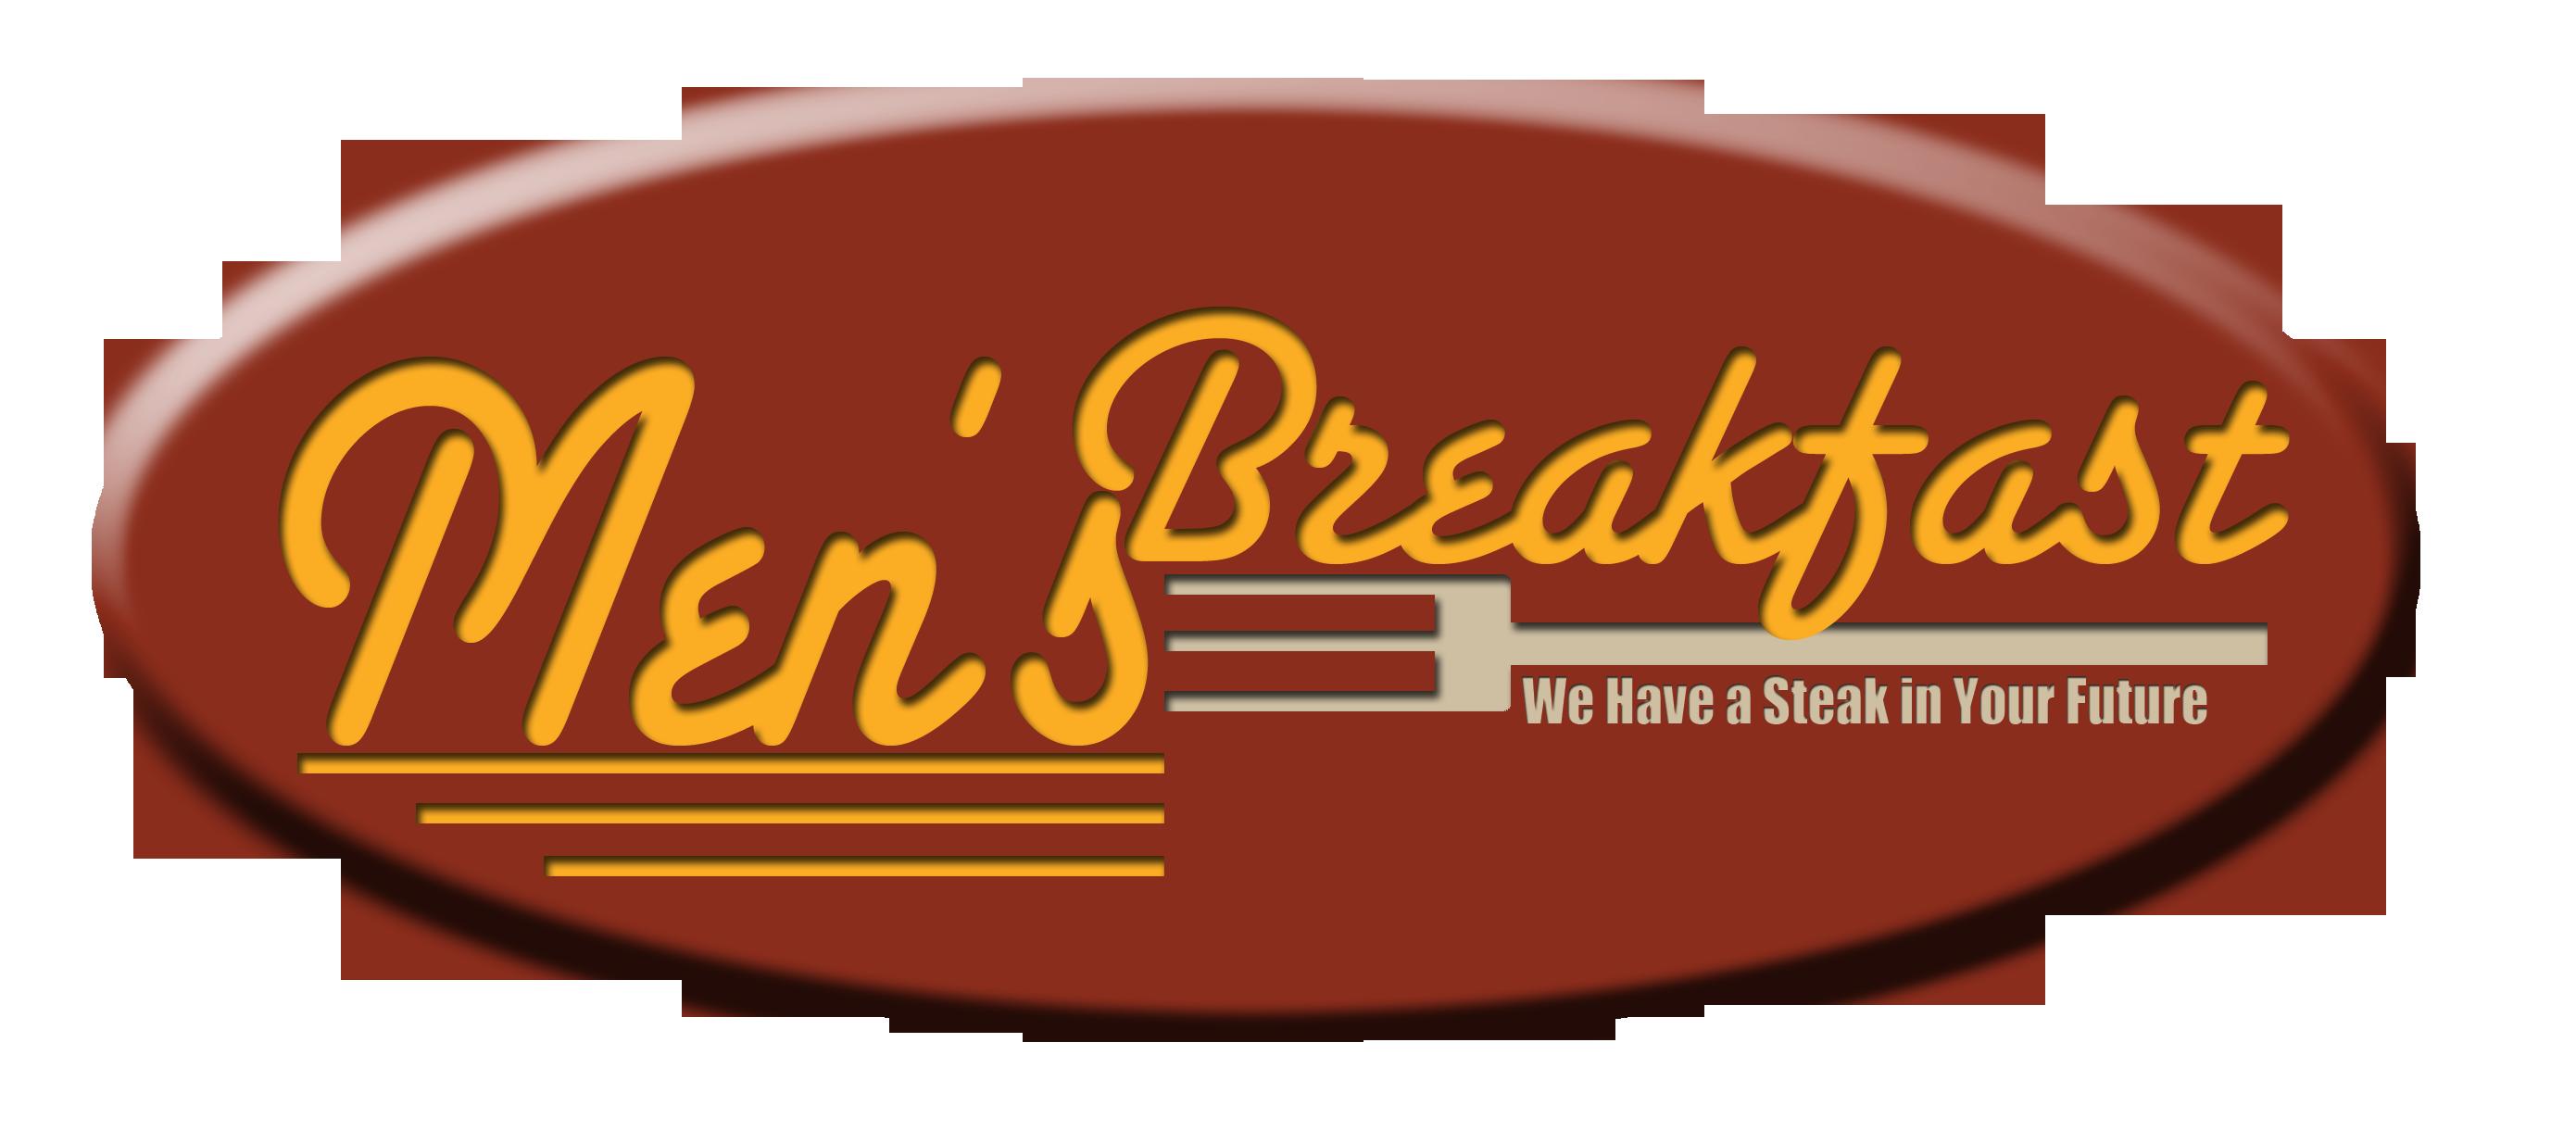 Men-s breakfast clipart jpg freeuse stock Mens fellowship breakfast clipart clipart images gallery for free ... jpg freeuse stock